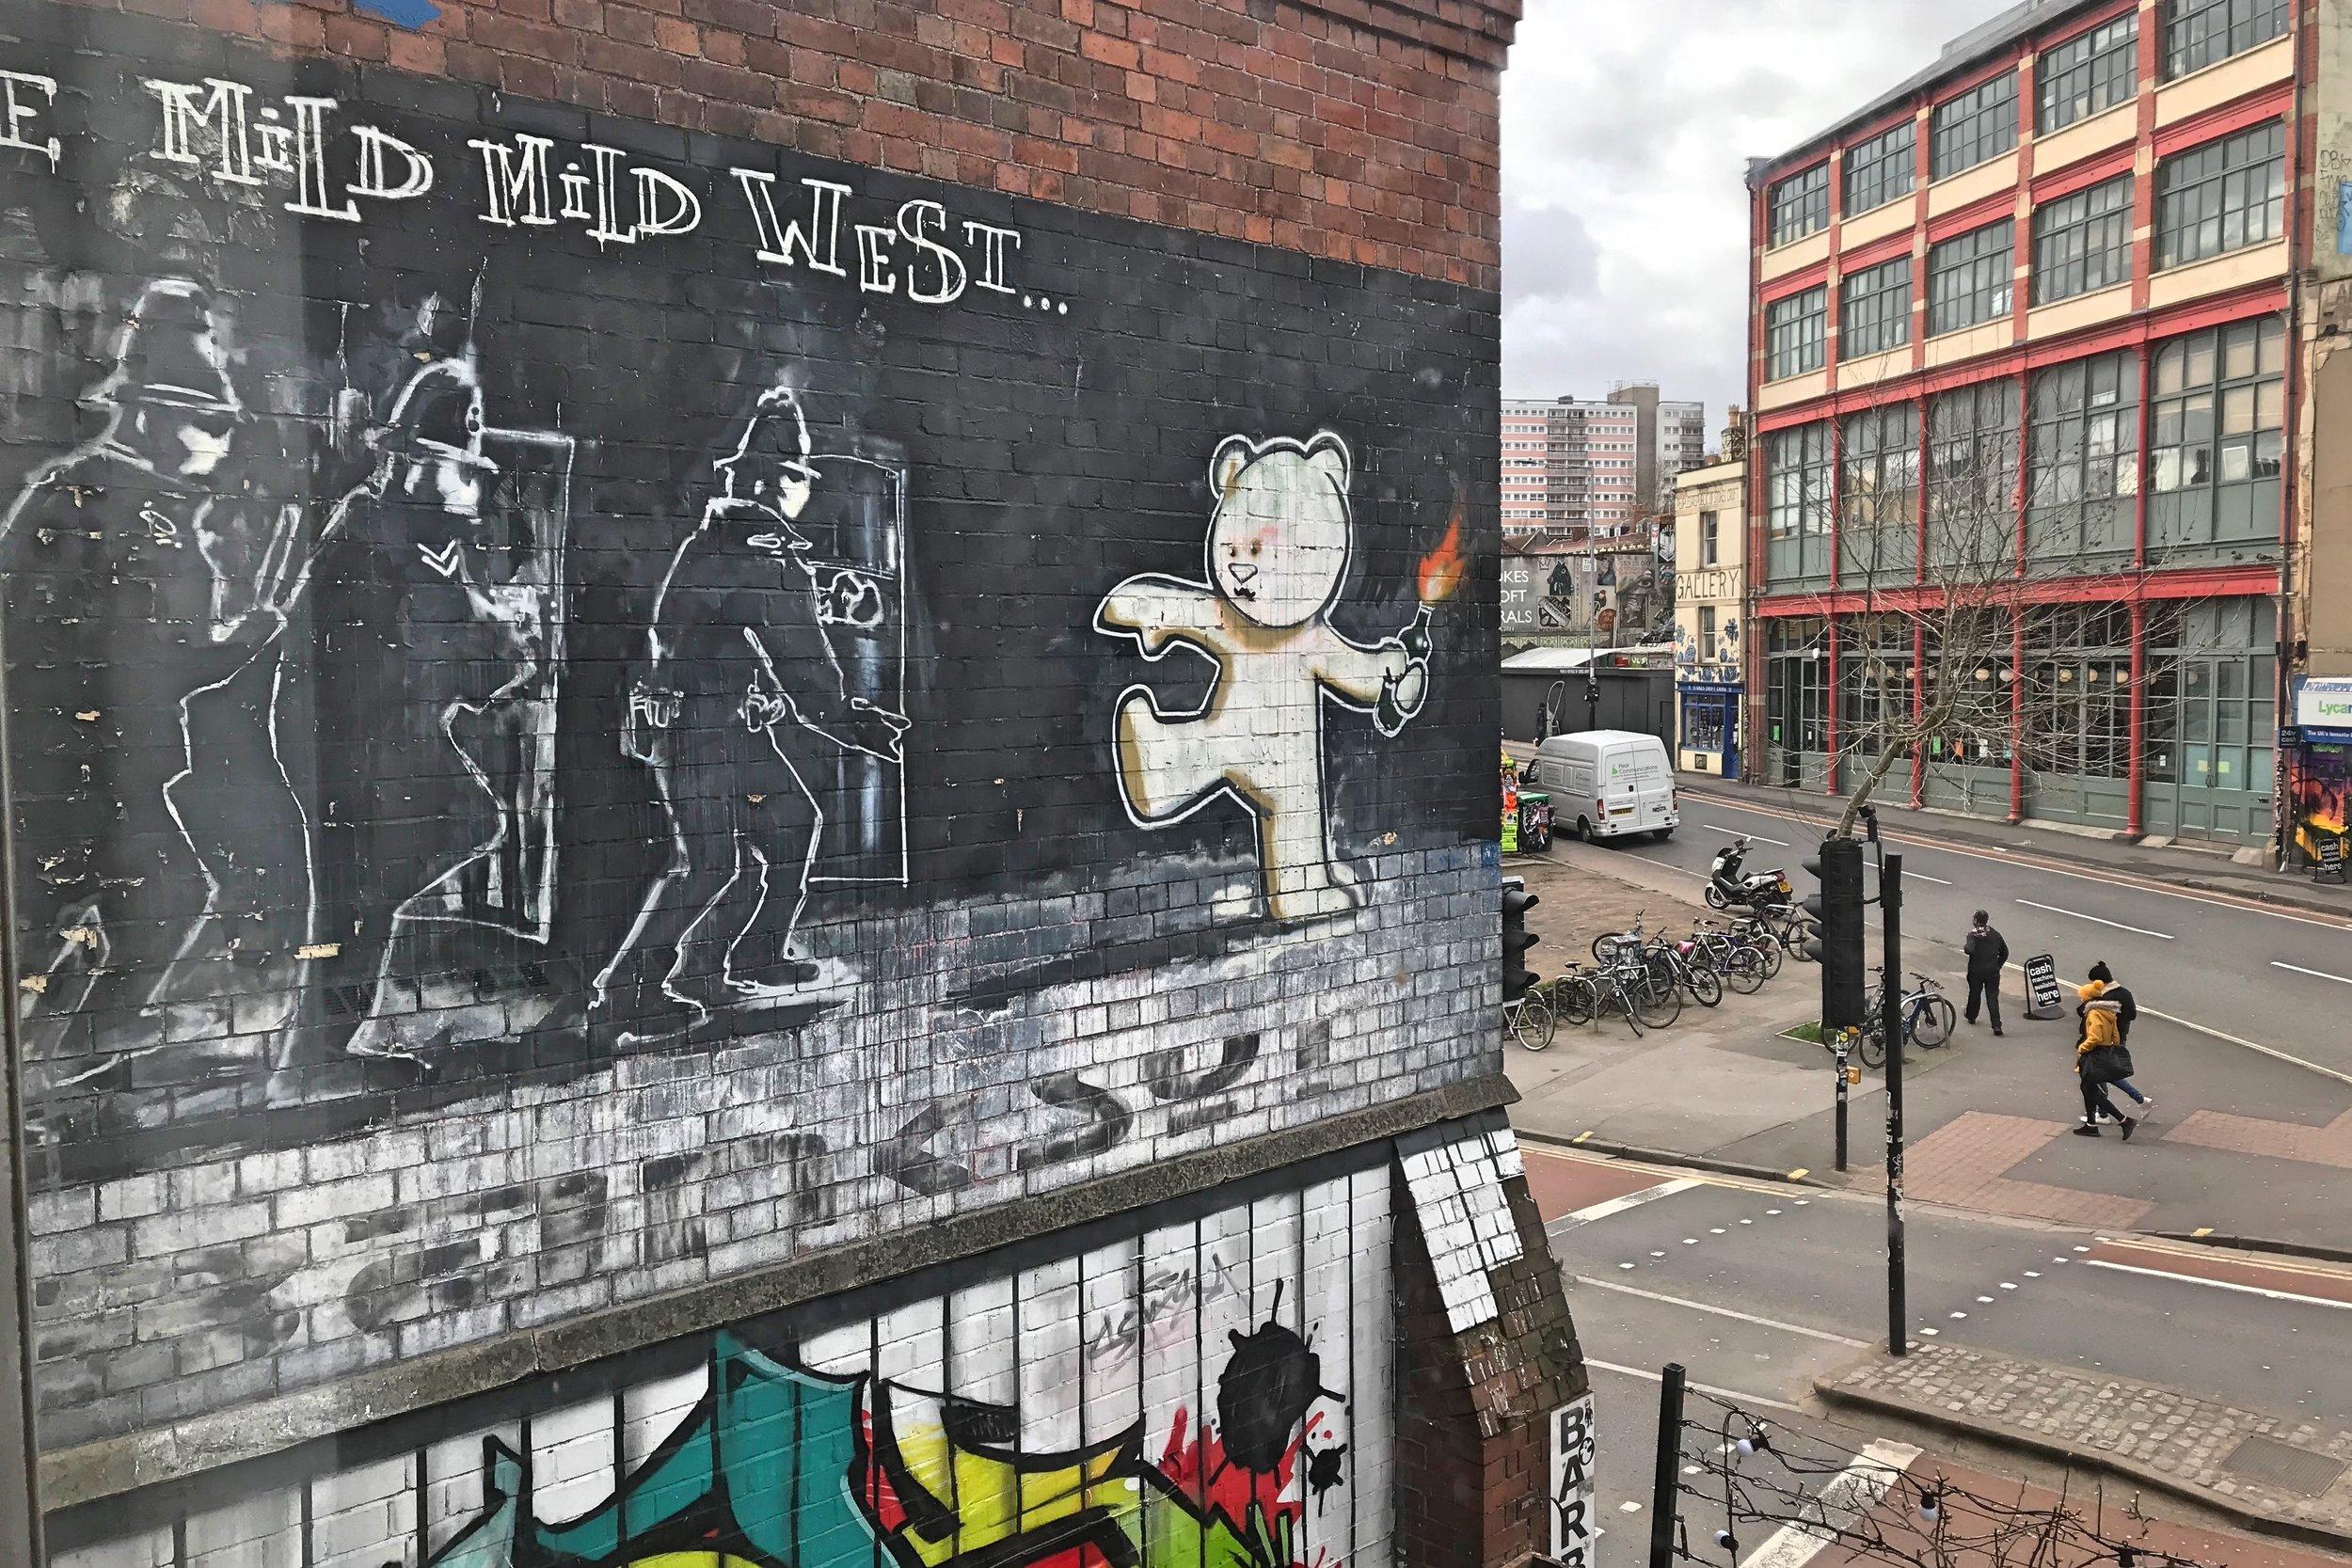 Mild West Banksy.jpg